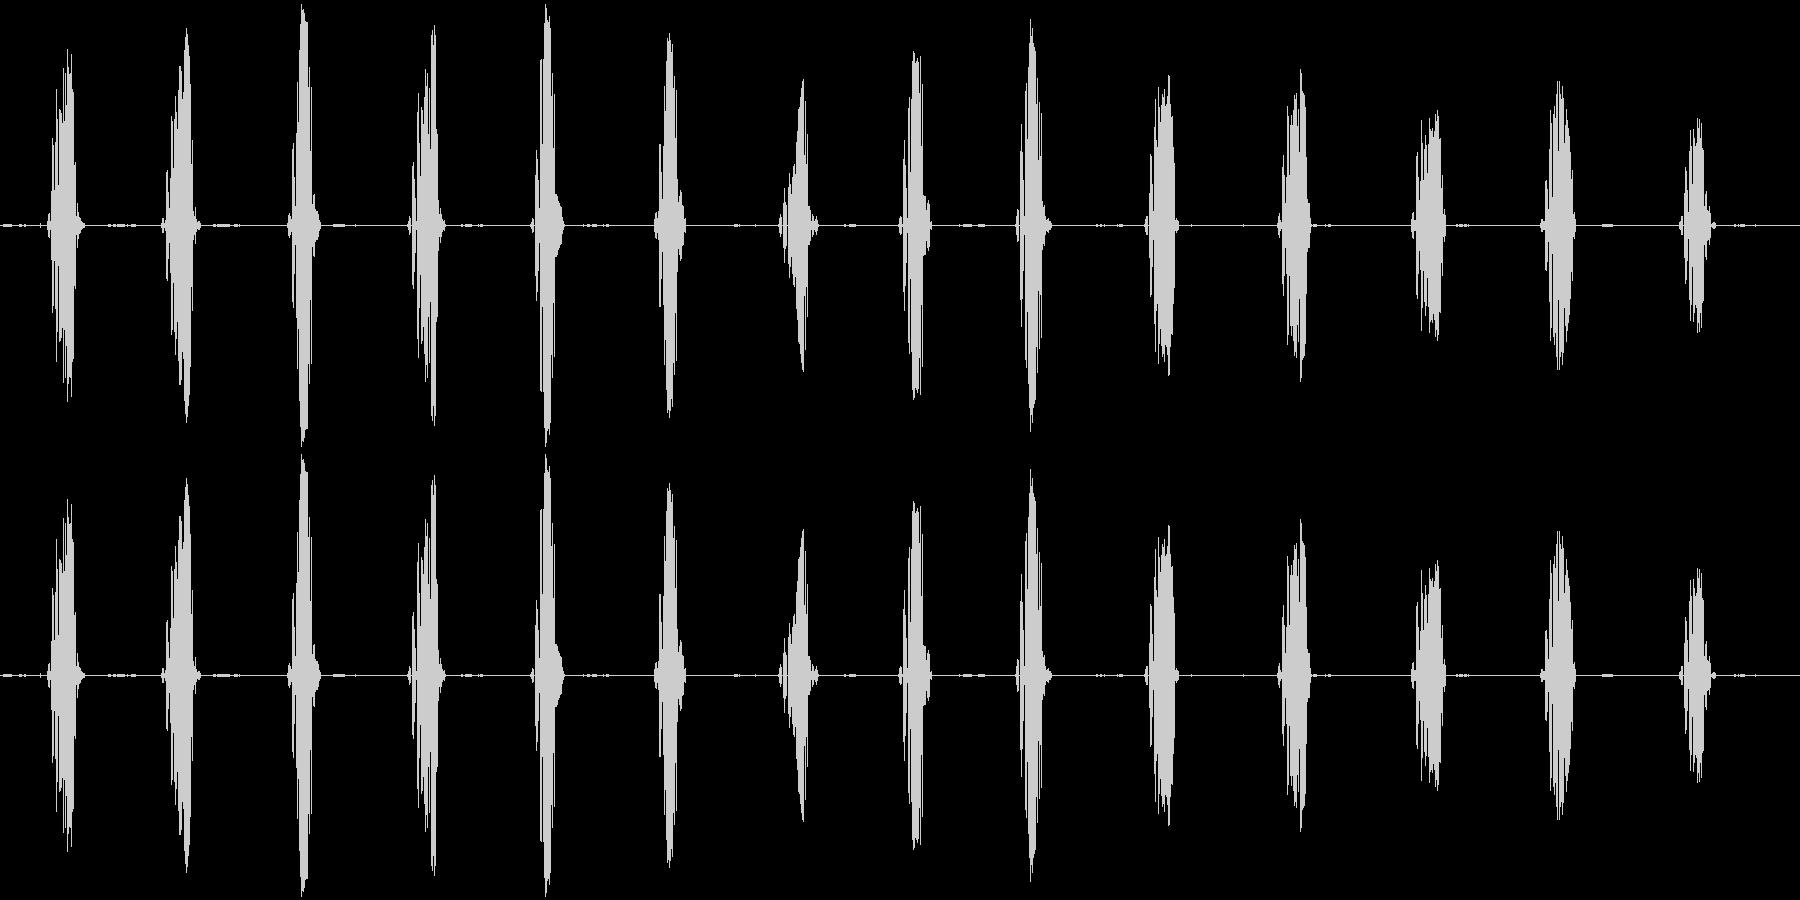 スズメ、ベスパーチャープ。フォアグ...の未再生の波形